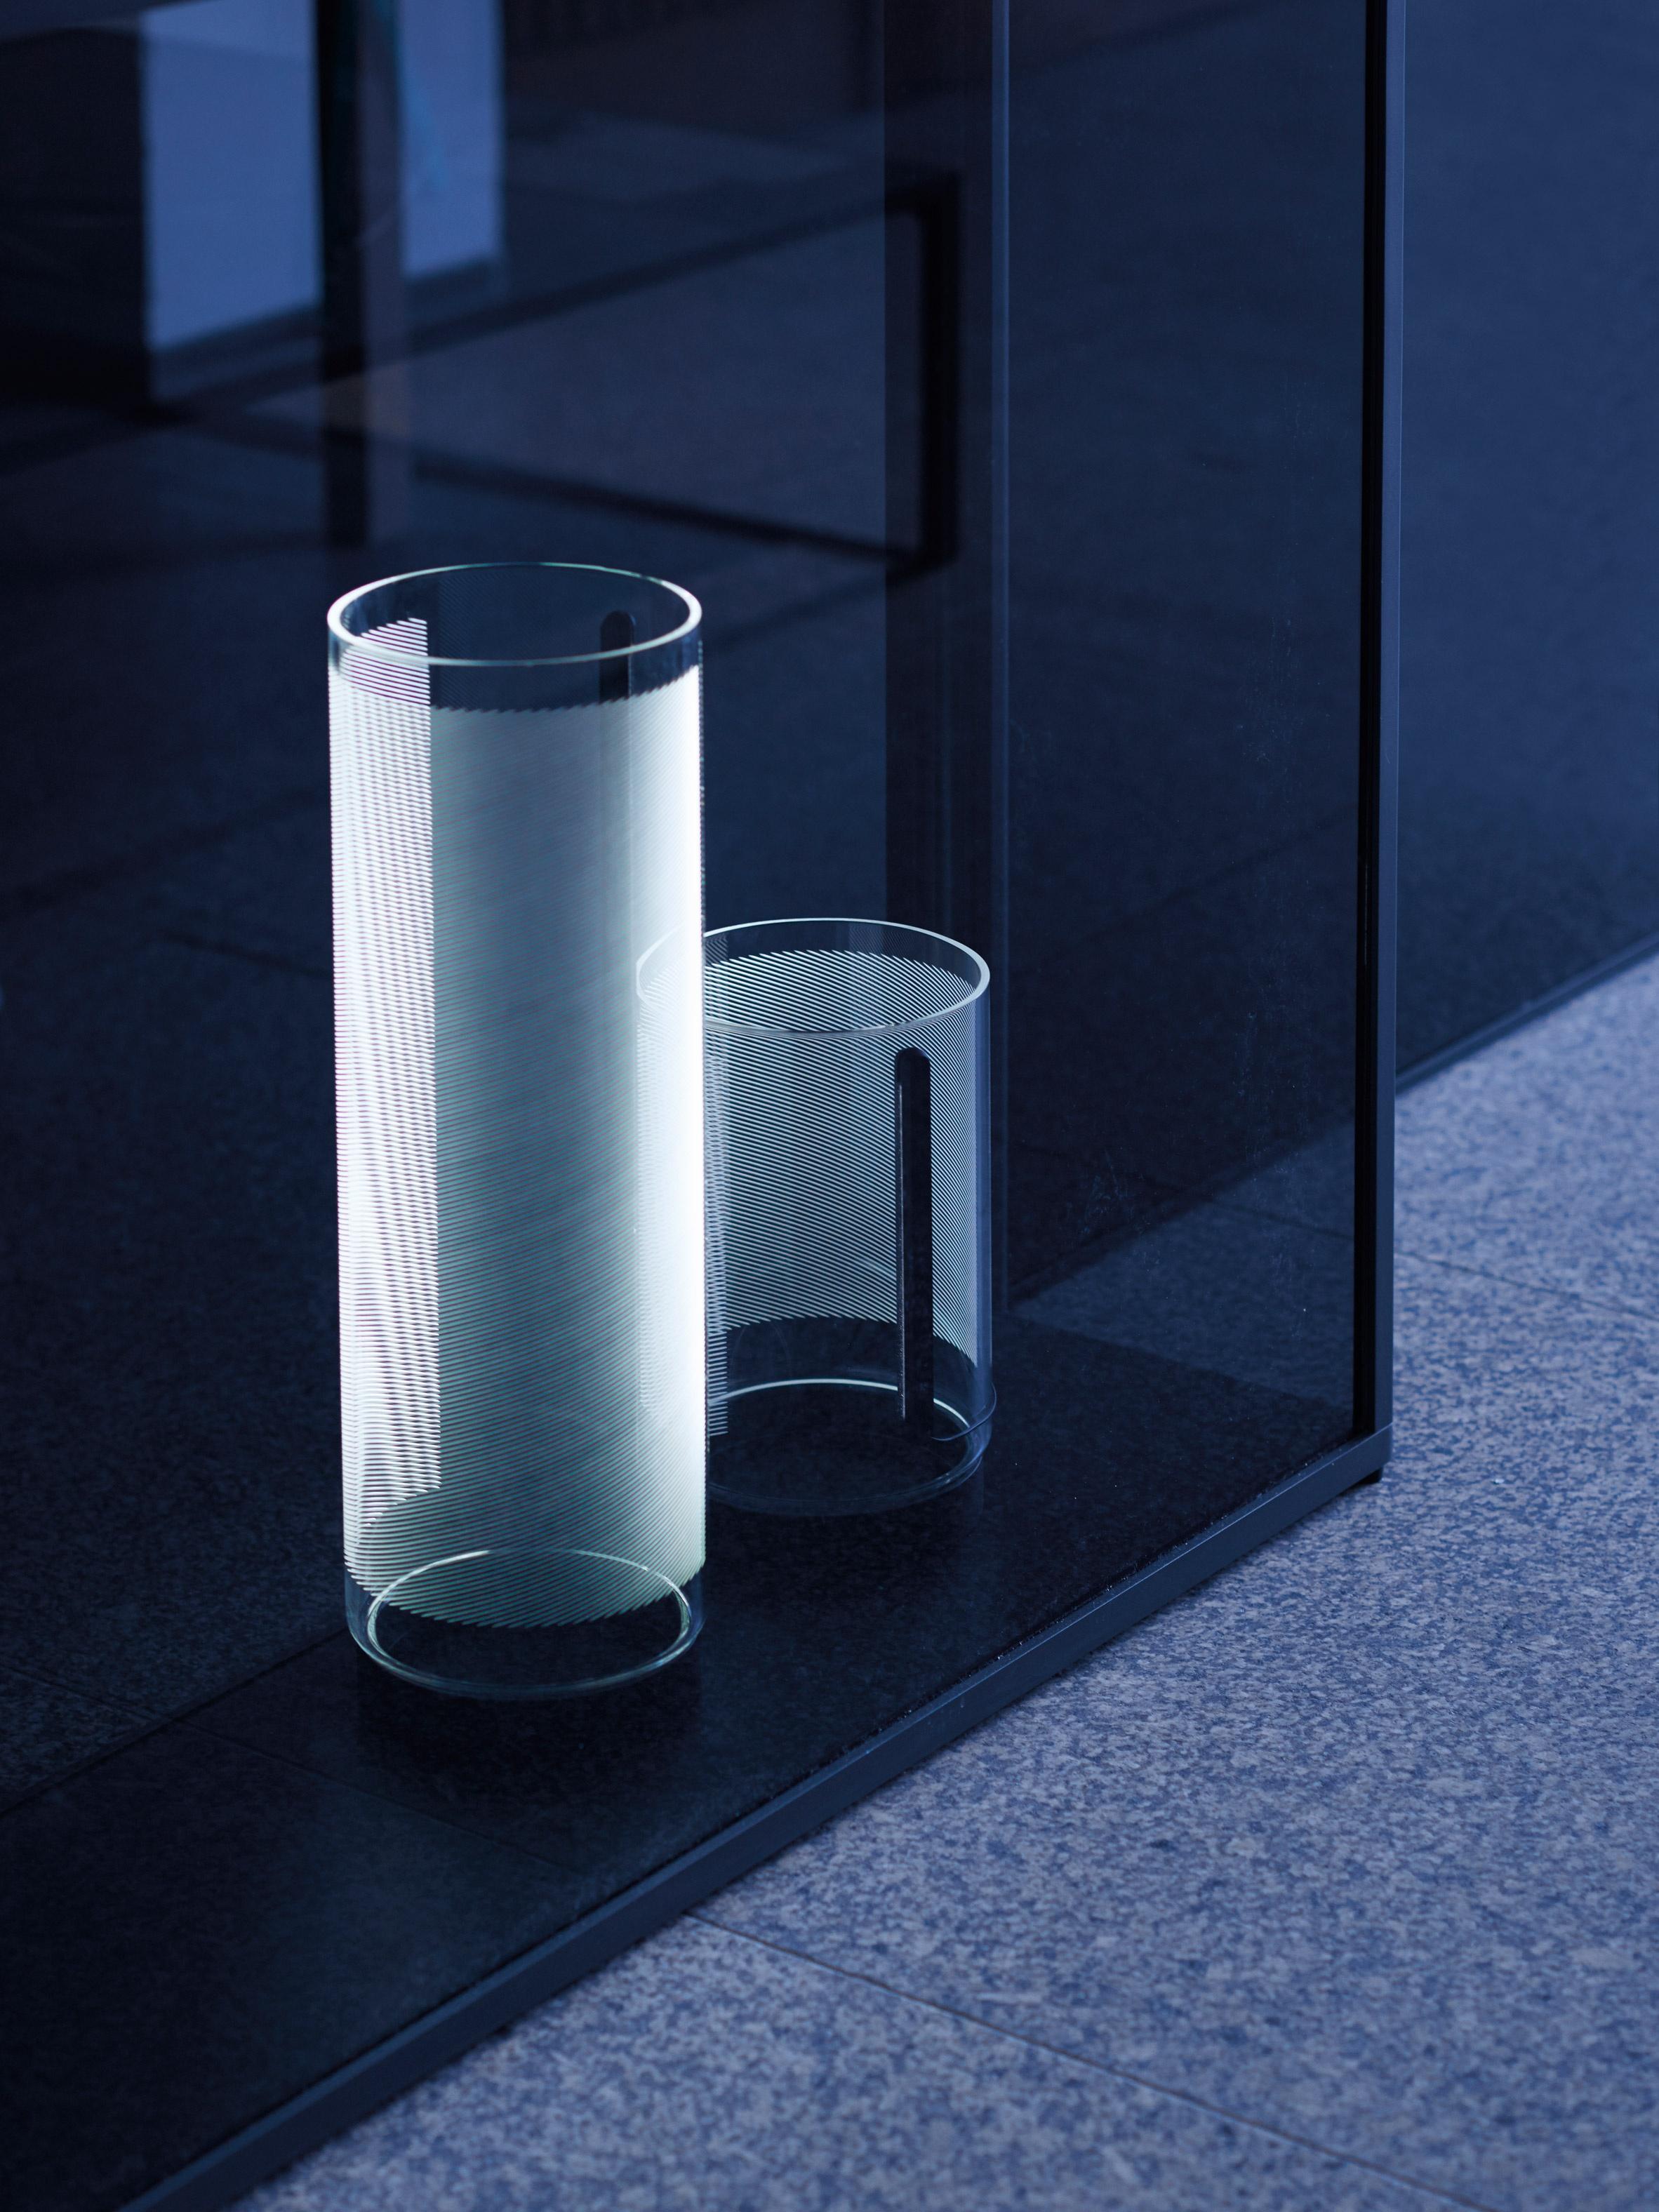 guise-stefan-diez-design-lighting-lamps_dezeen_2364_col_5_01